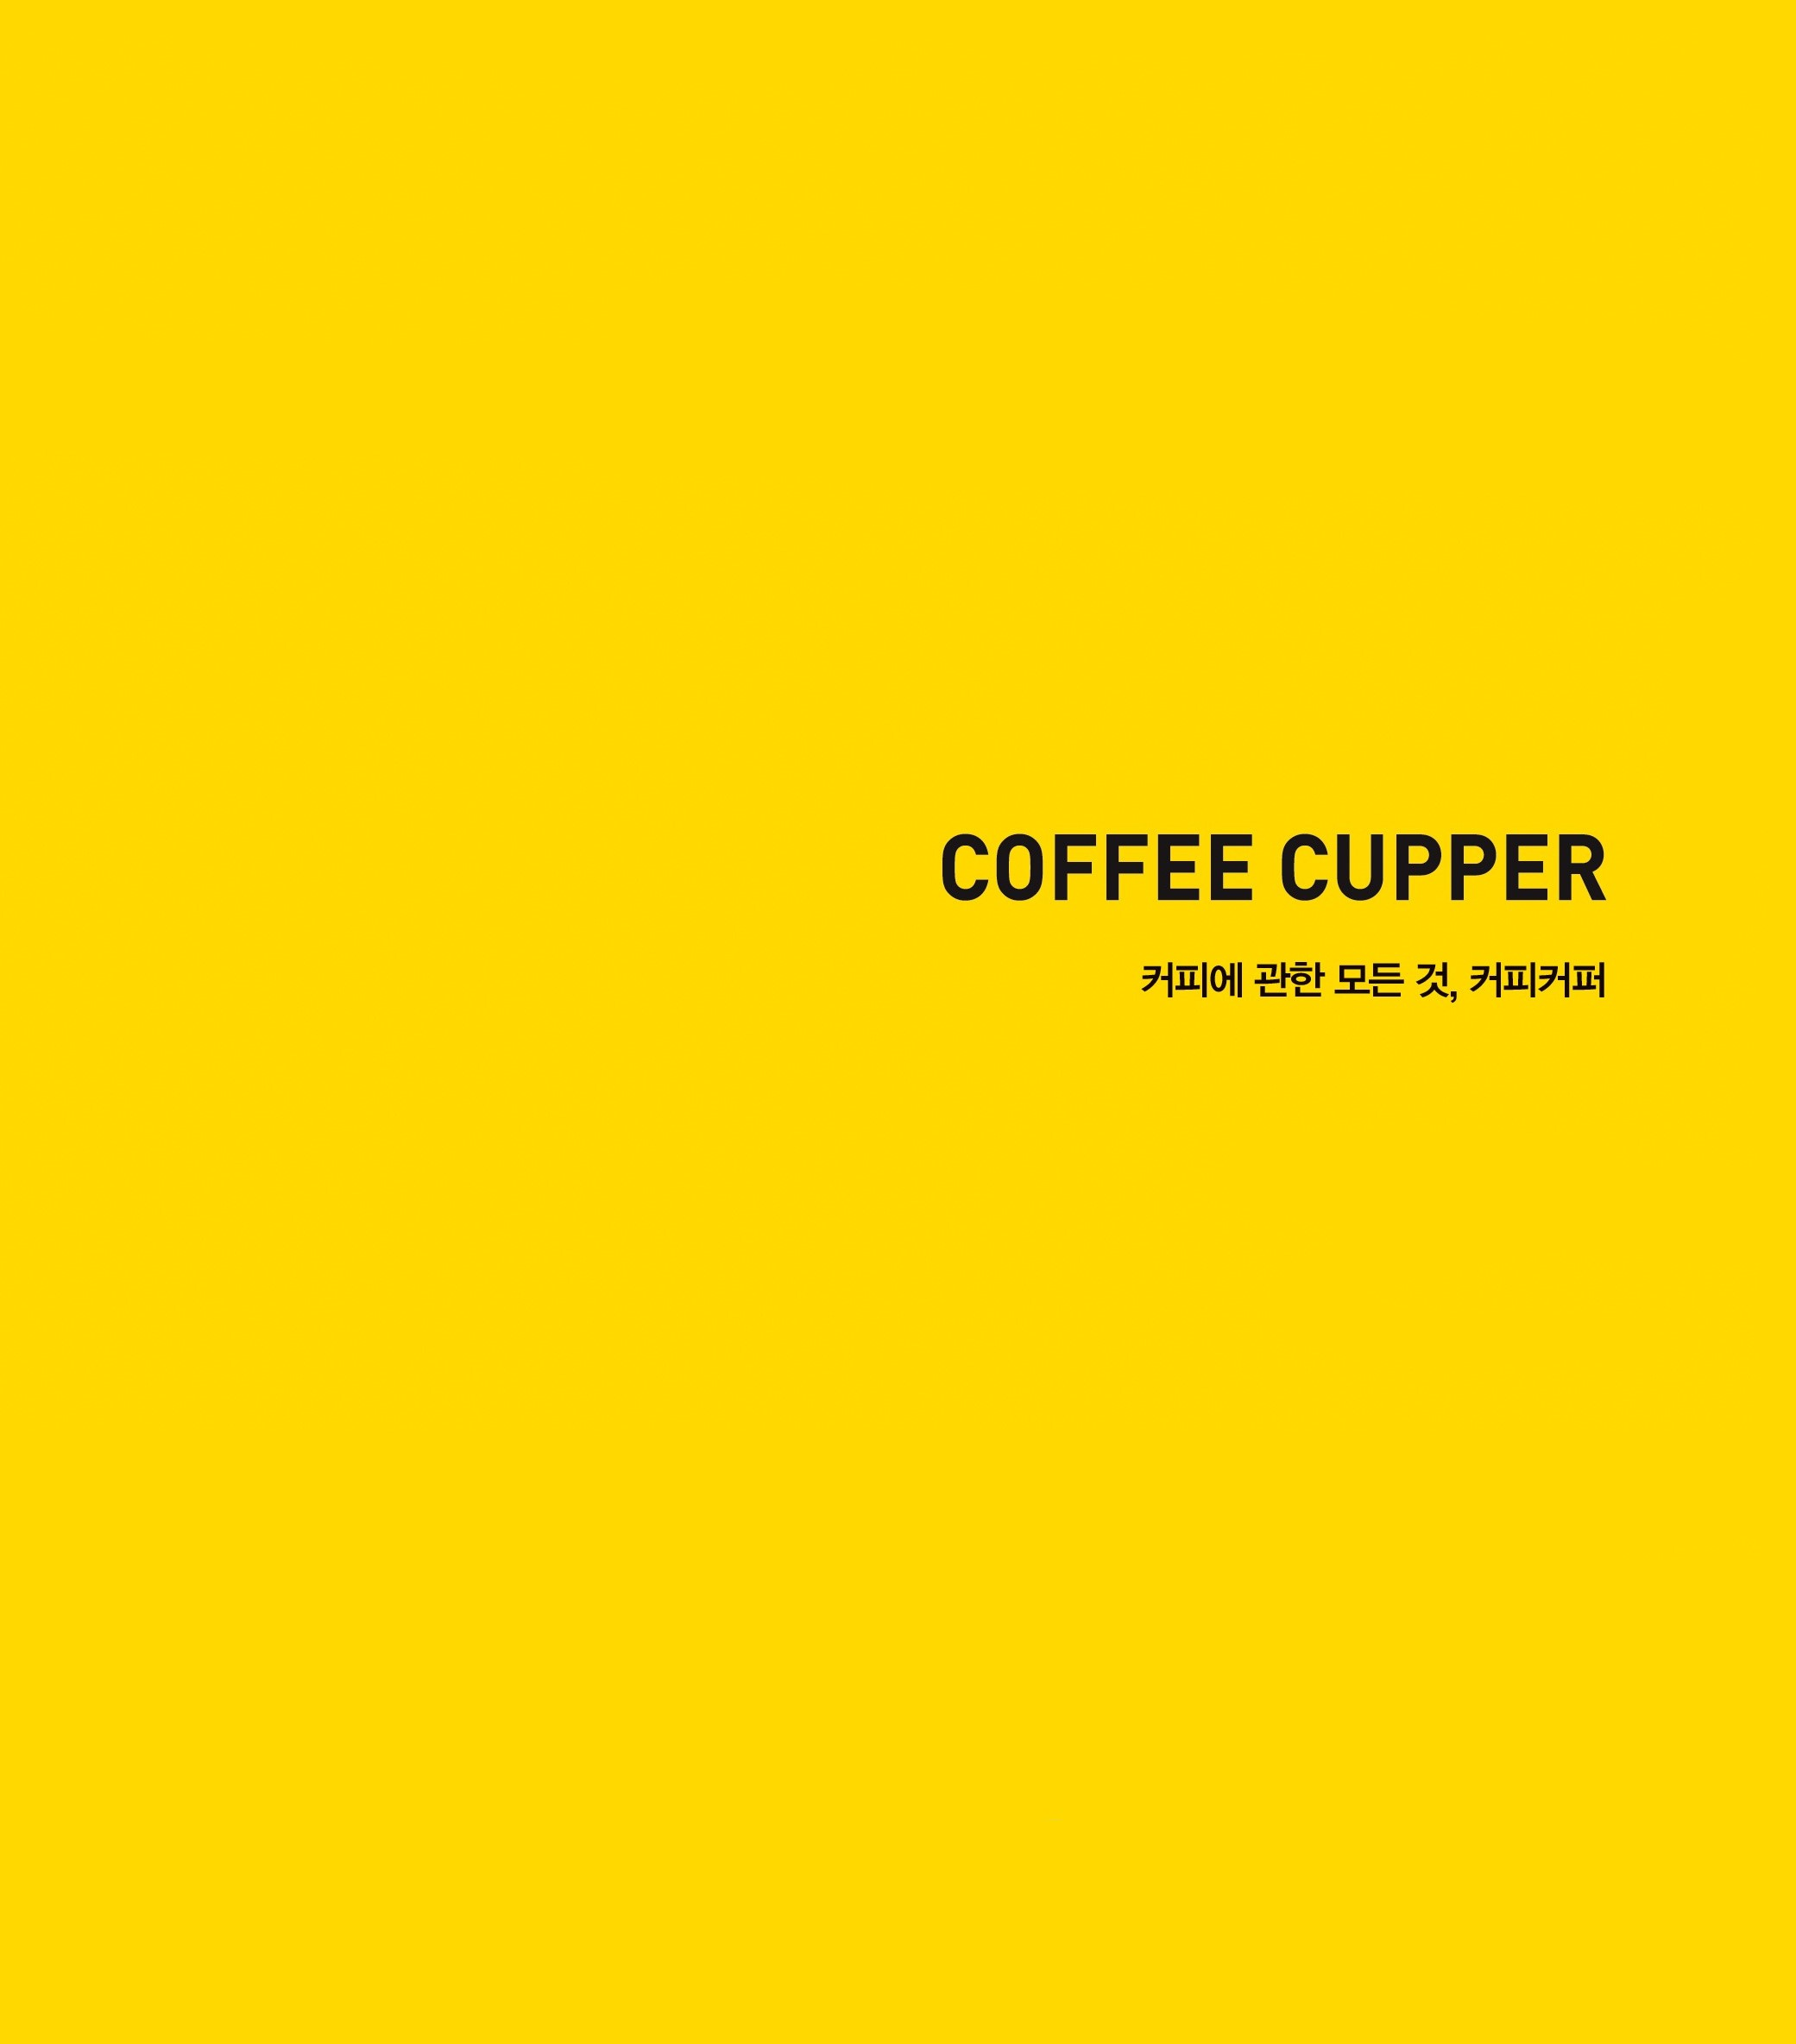 커피를 음미하다